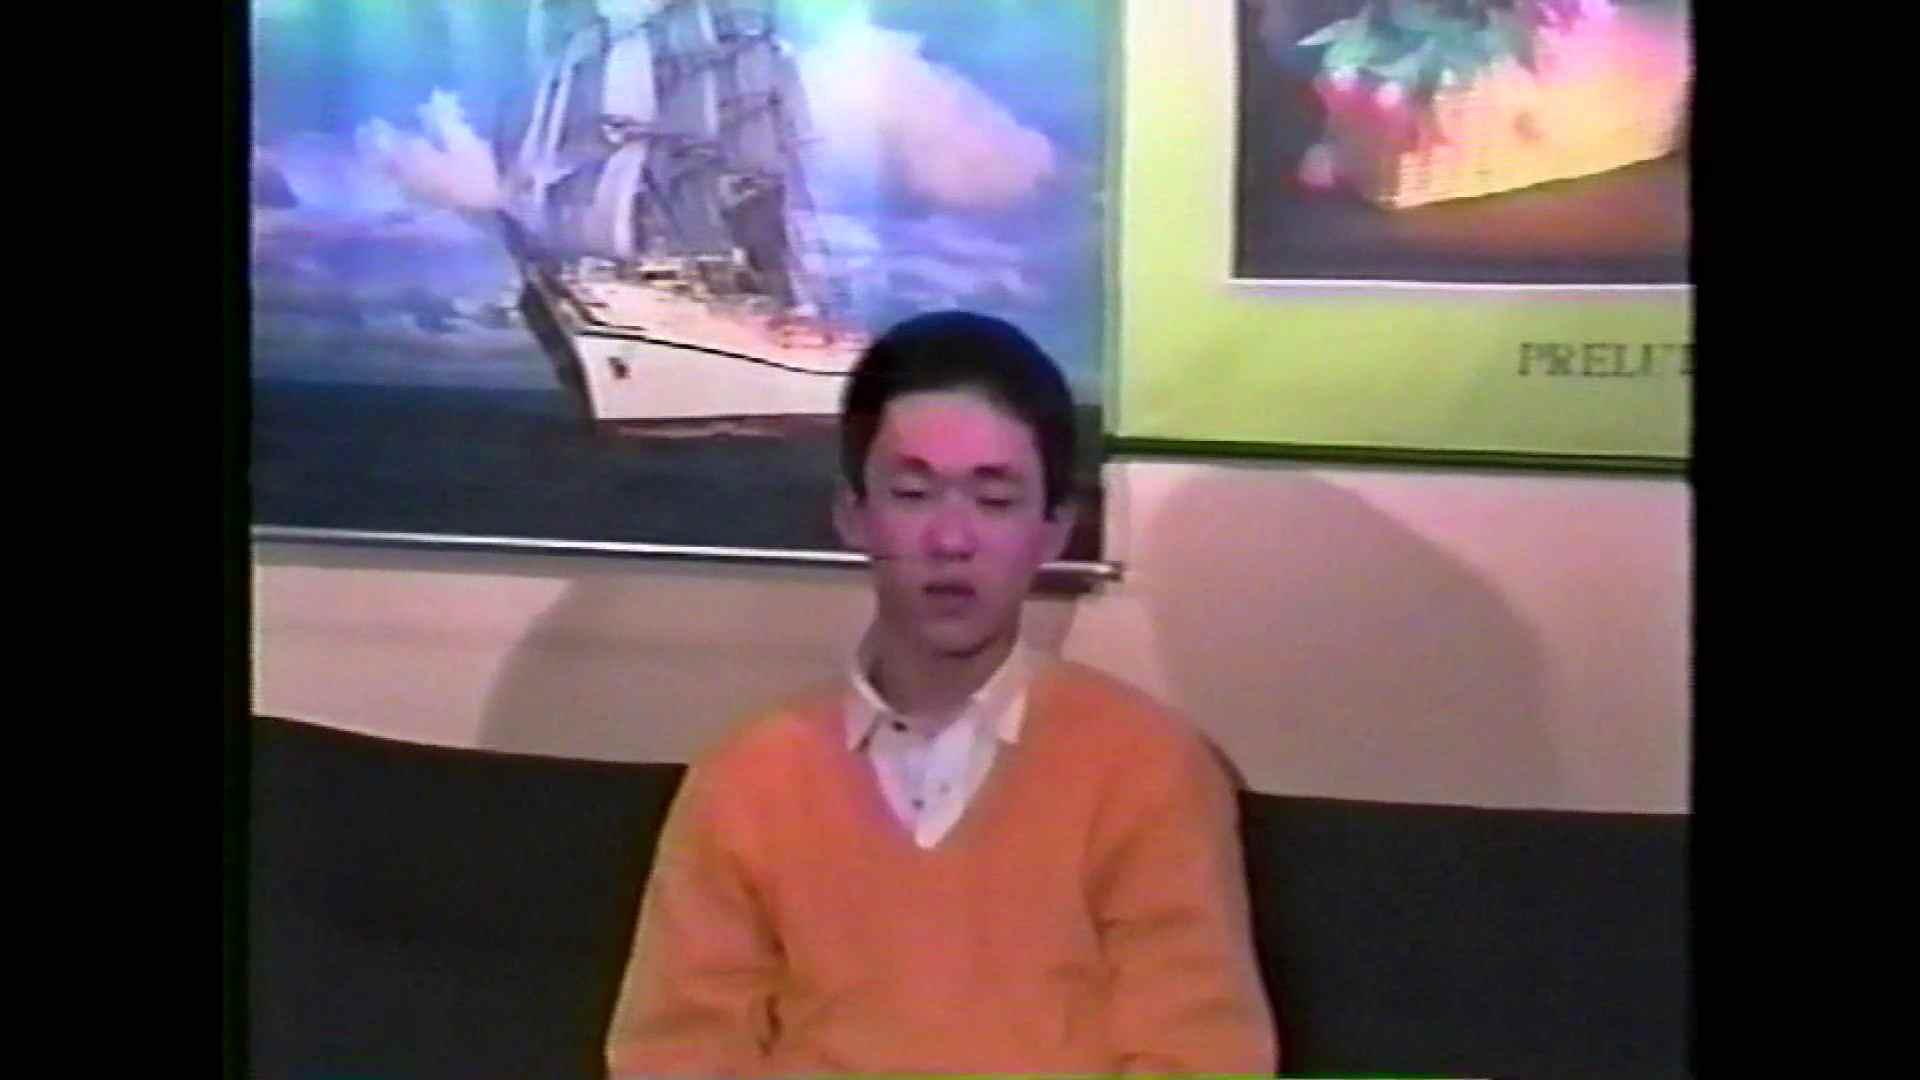 GAYBOY宏のオカズ倉庫Vol.2-1 入浴・シャワー丸見え | ディープキス ゲイAV画像 64pic 1